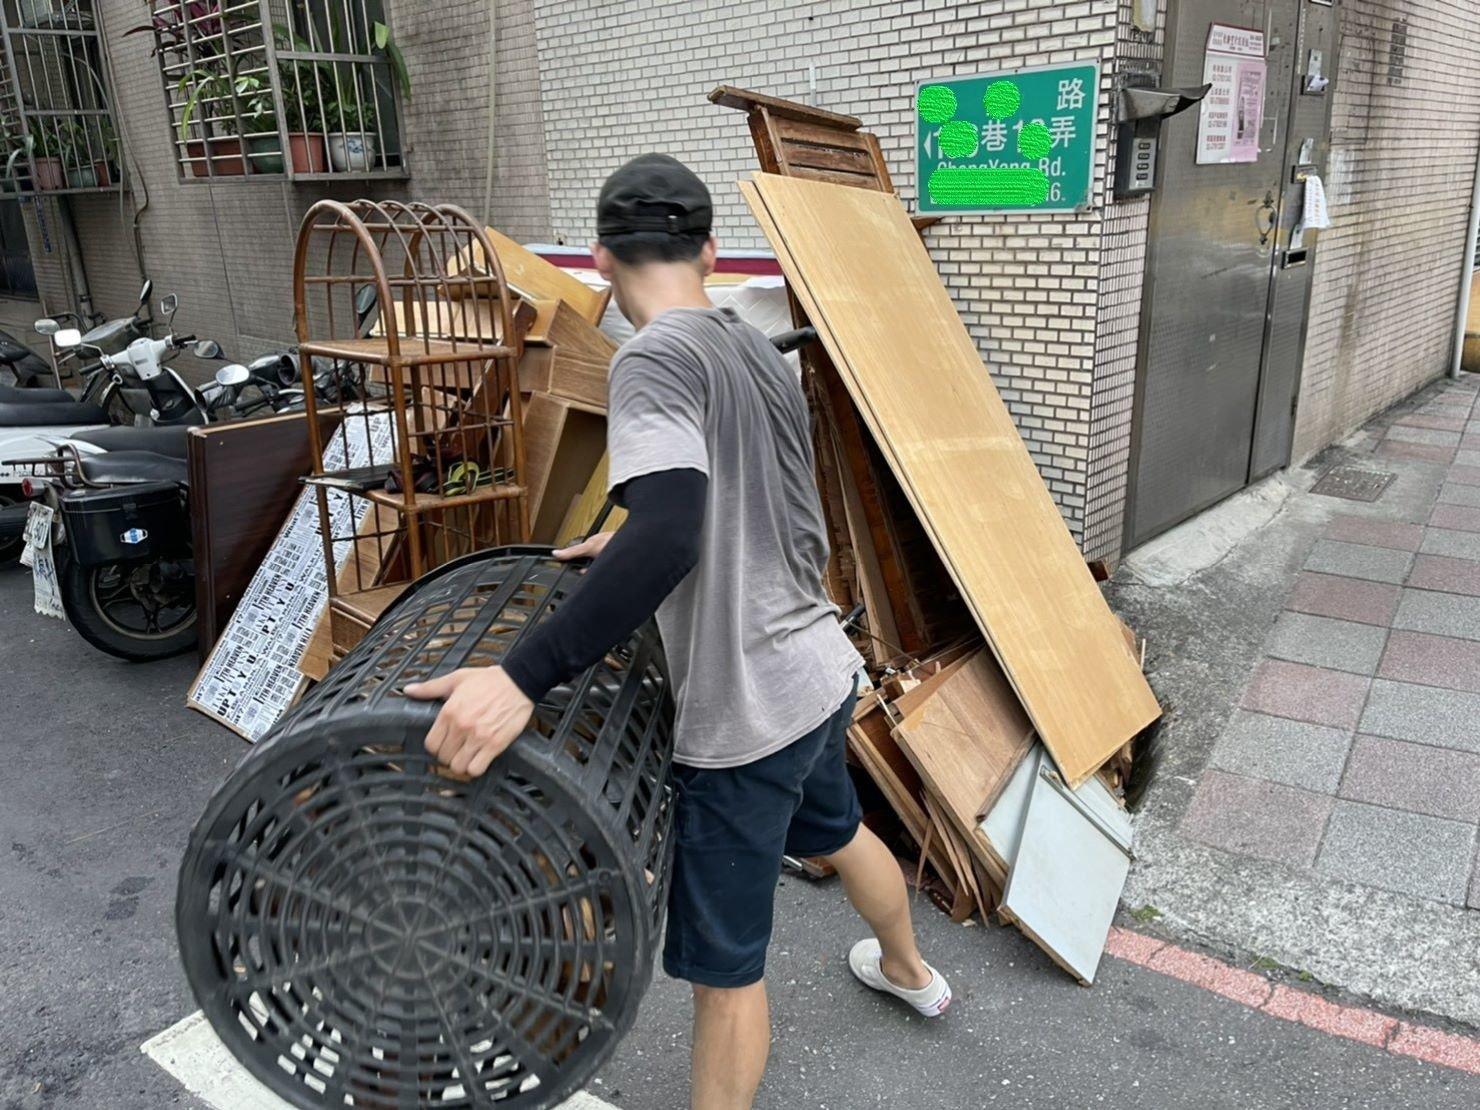 家庭垃圾清運公司、搬家公司推薦、新北搬家公司推薦【榮福搬家公司】台北市垃圾清運、垃圾清運價格、大型垃圾清運費用、南港搬家、桃園搬家公司推薦、台北搬家公司推薦、搬垃圾處理、廢棄物清運、廢棄家具清運、廢棄物處理、搬運廢棄物、家具垃圾處理、清垃圾、清運、搬家具、冰箱搬運、基隆搬家、搬家電、床墊搬運、搬衣櫃、搬大型家具、大型家具丟棄、家庭廢棄物清運、公司行號搬遷、家庭搬家、鋼琴廢棄處理、搬家首選、搬工計時、人工搬運、搬運、廢棄家具處理,針對顧客都秉持以用心實在專業搬家技巧,搬家實在用心值得您的信賴與選擇。歡迎來電咨詢02-2651-2727,榮福搬家有專員立即為您服務。